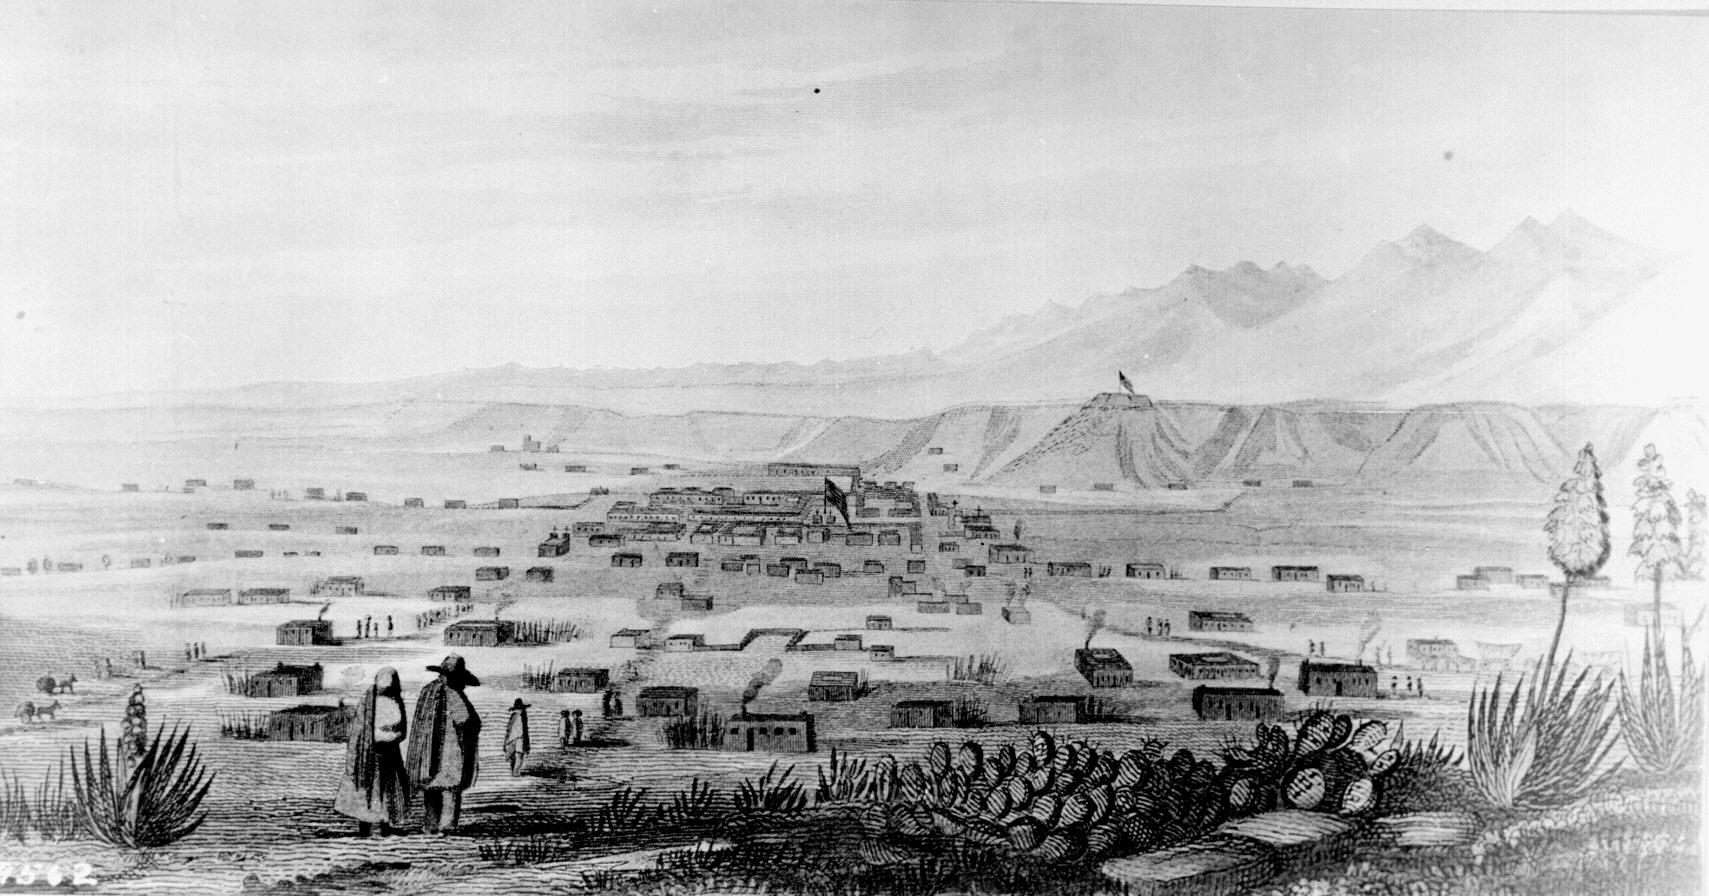 Santa Fe, New Mexico, circa 1846-1847